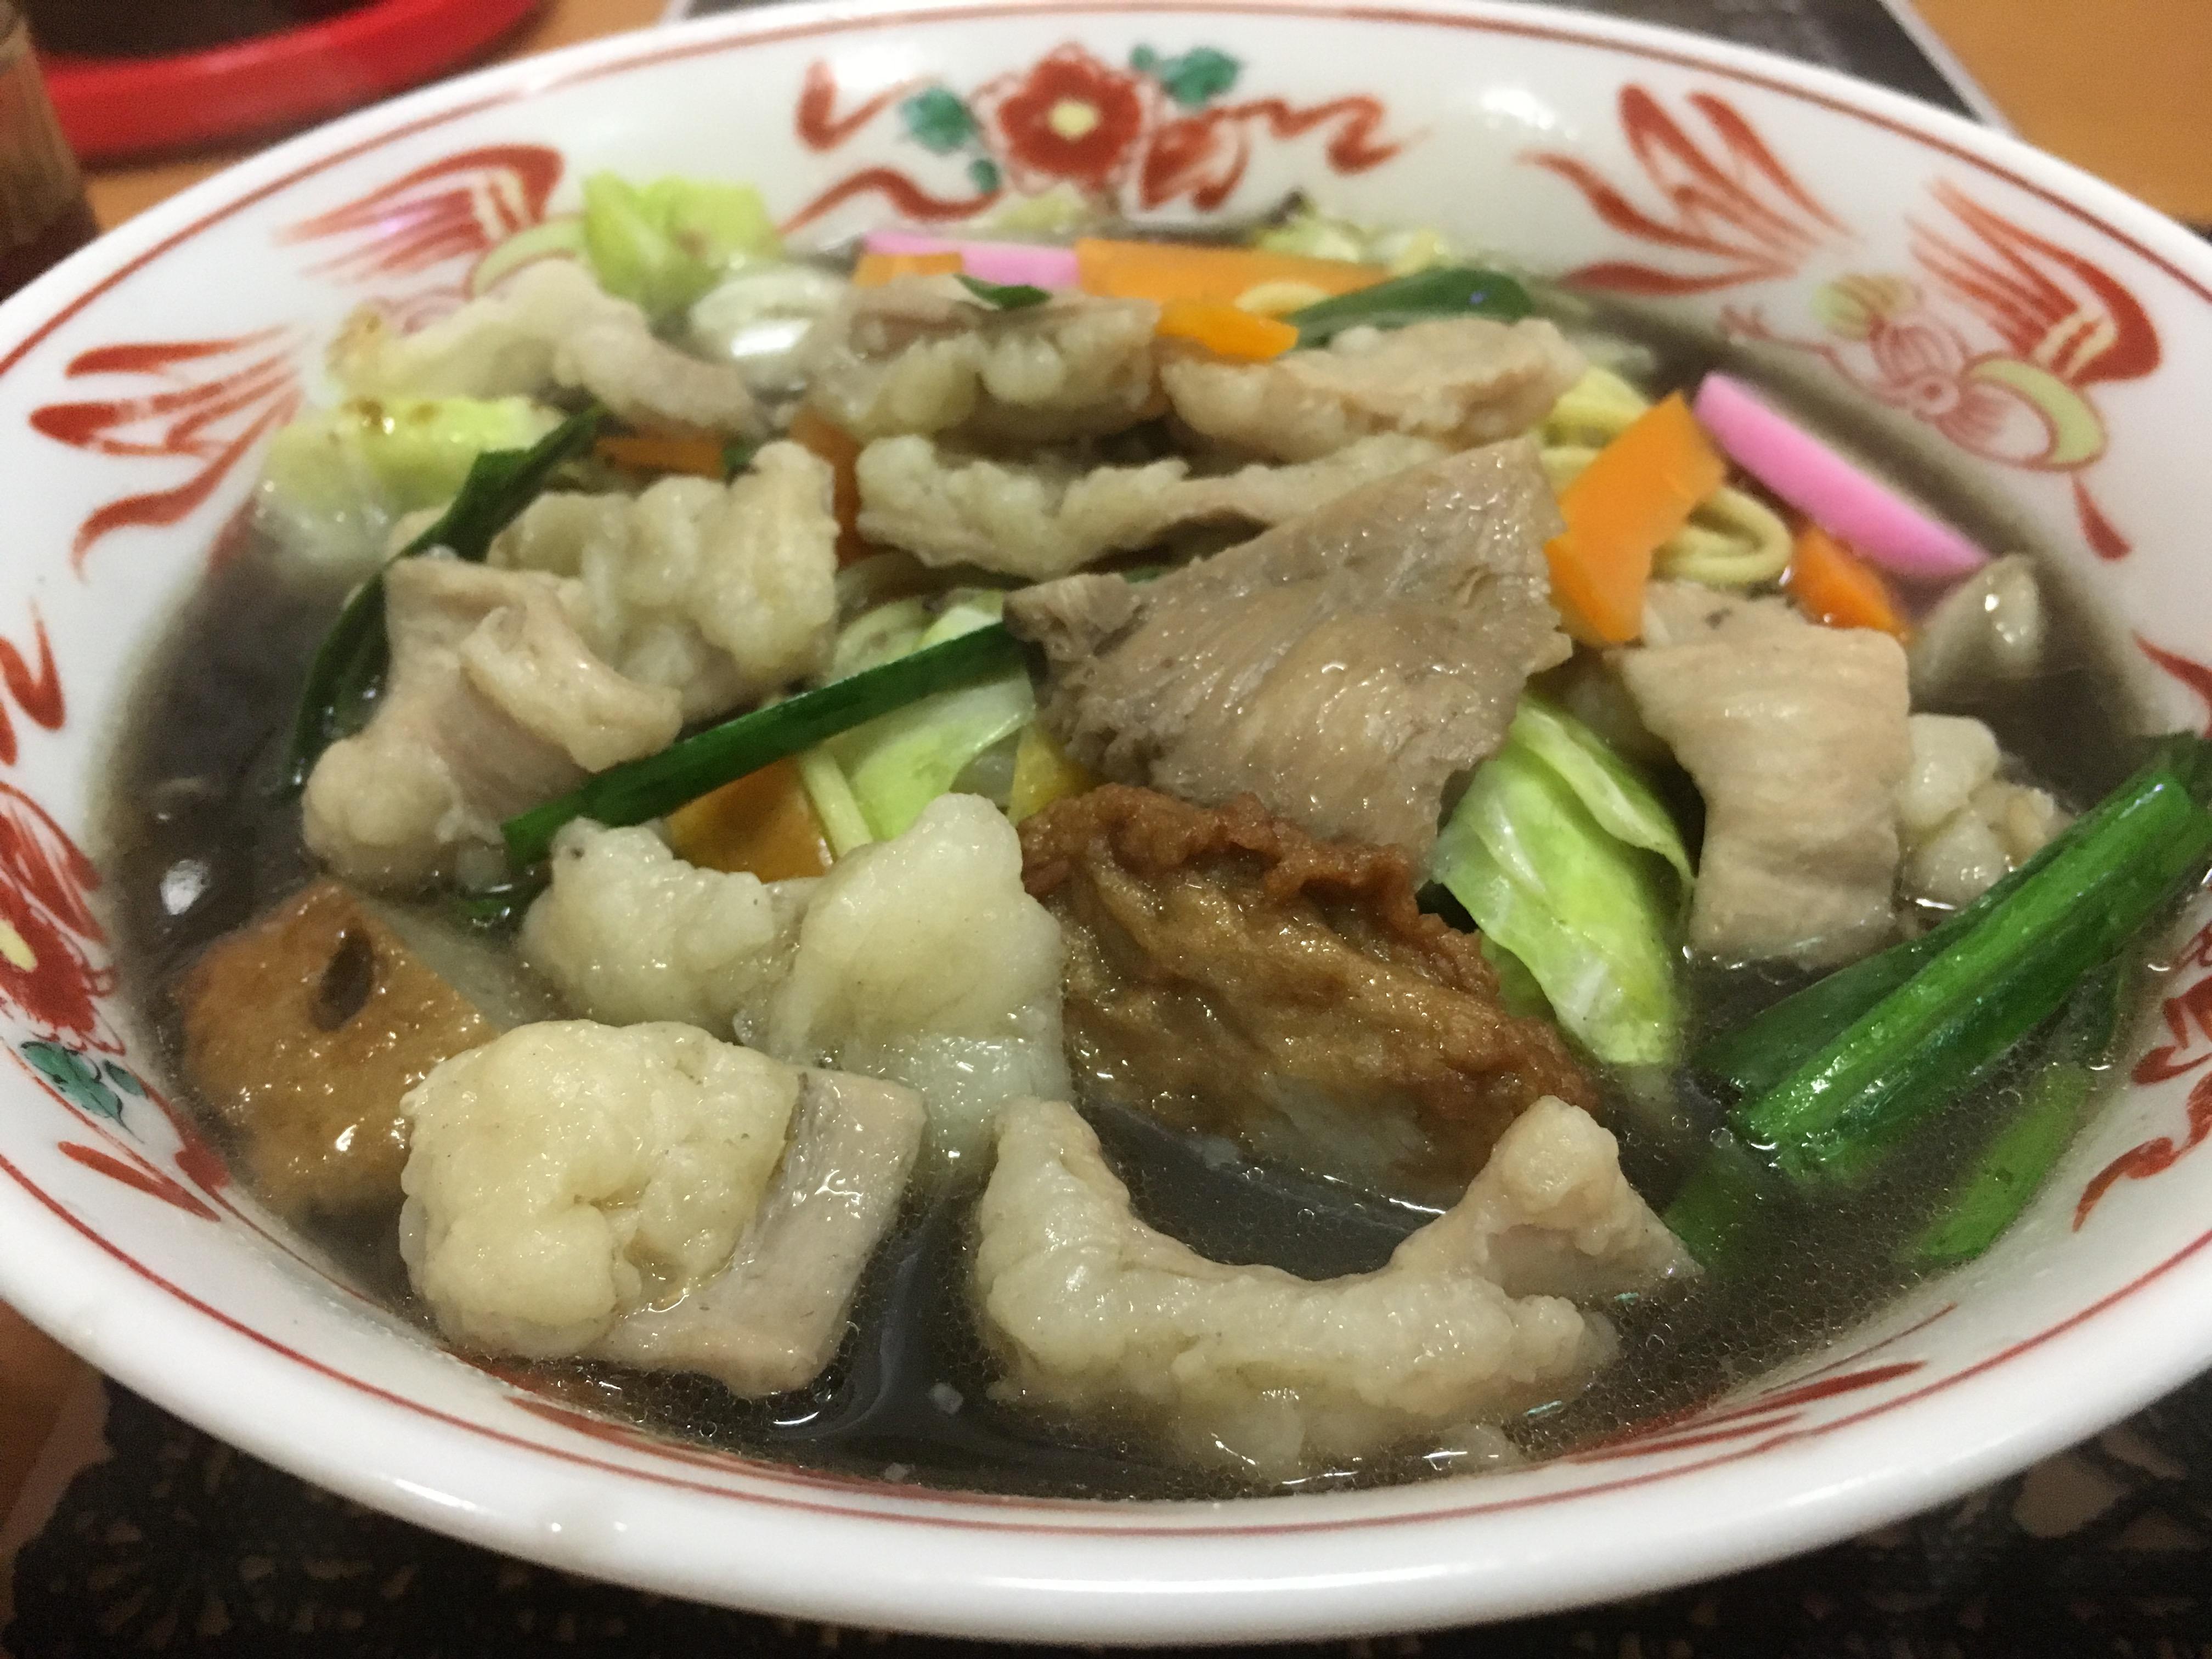 モツがたっぷり!染み出るスープがたまらない!愛花亭の「もつ黒だしちゃんぽん」が絶品!